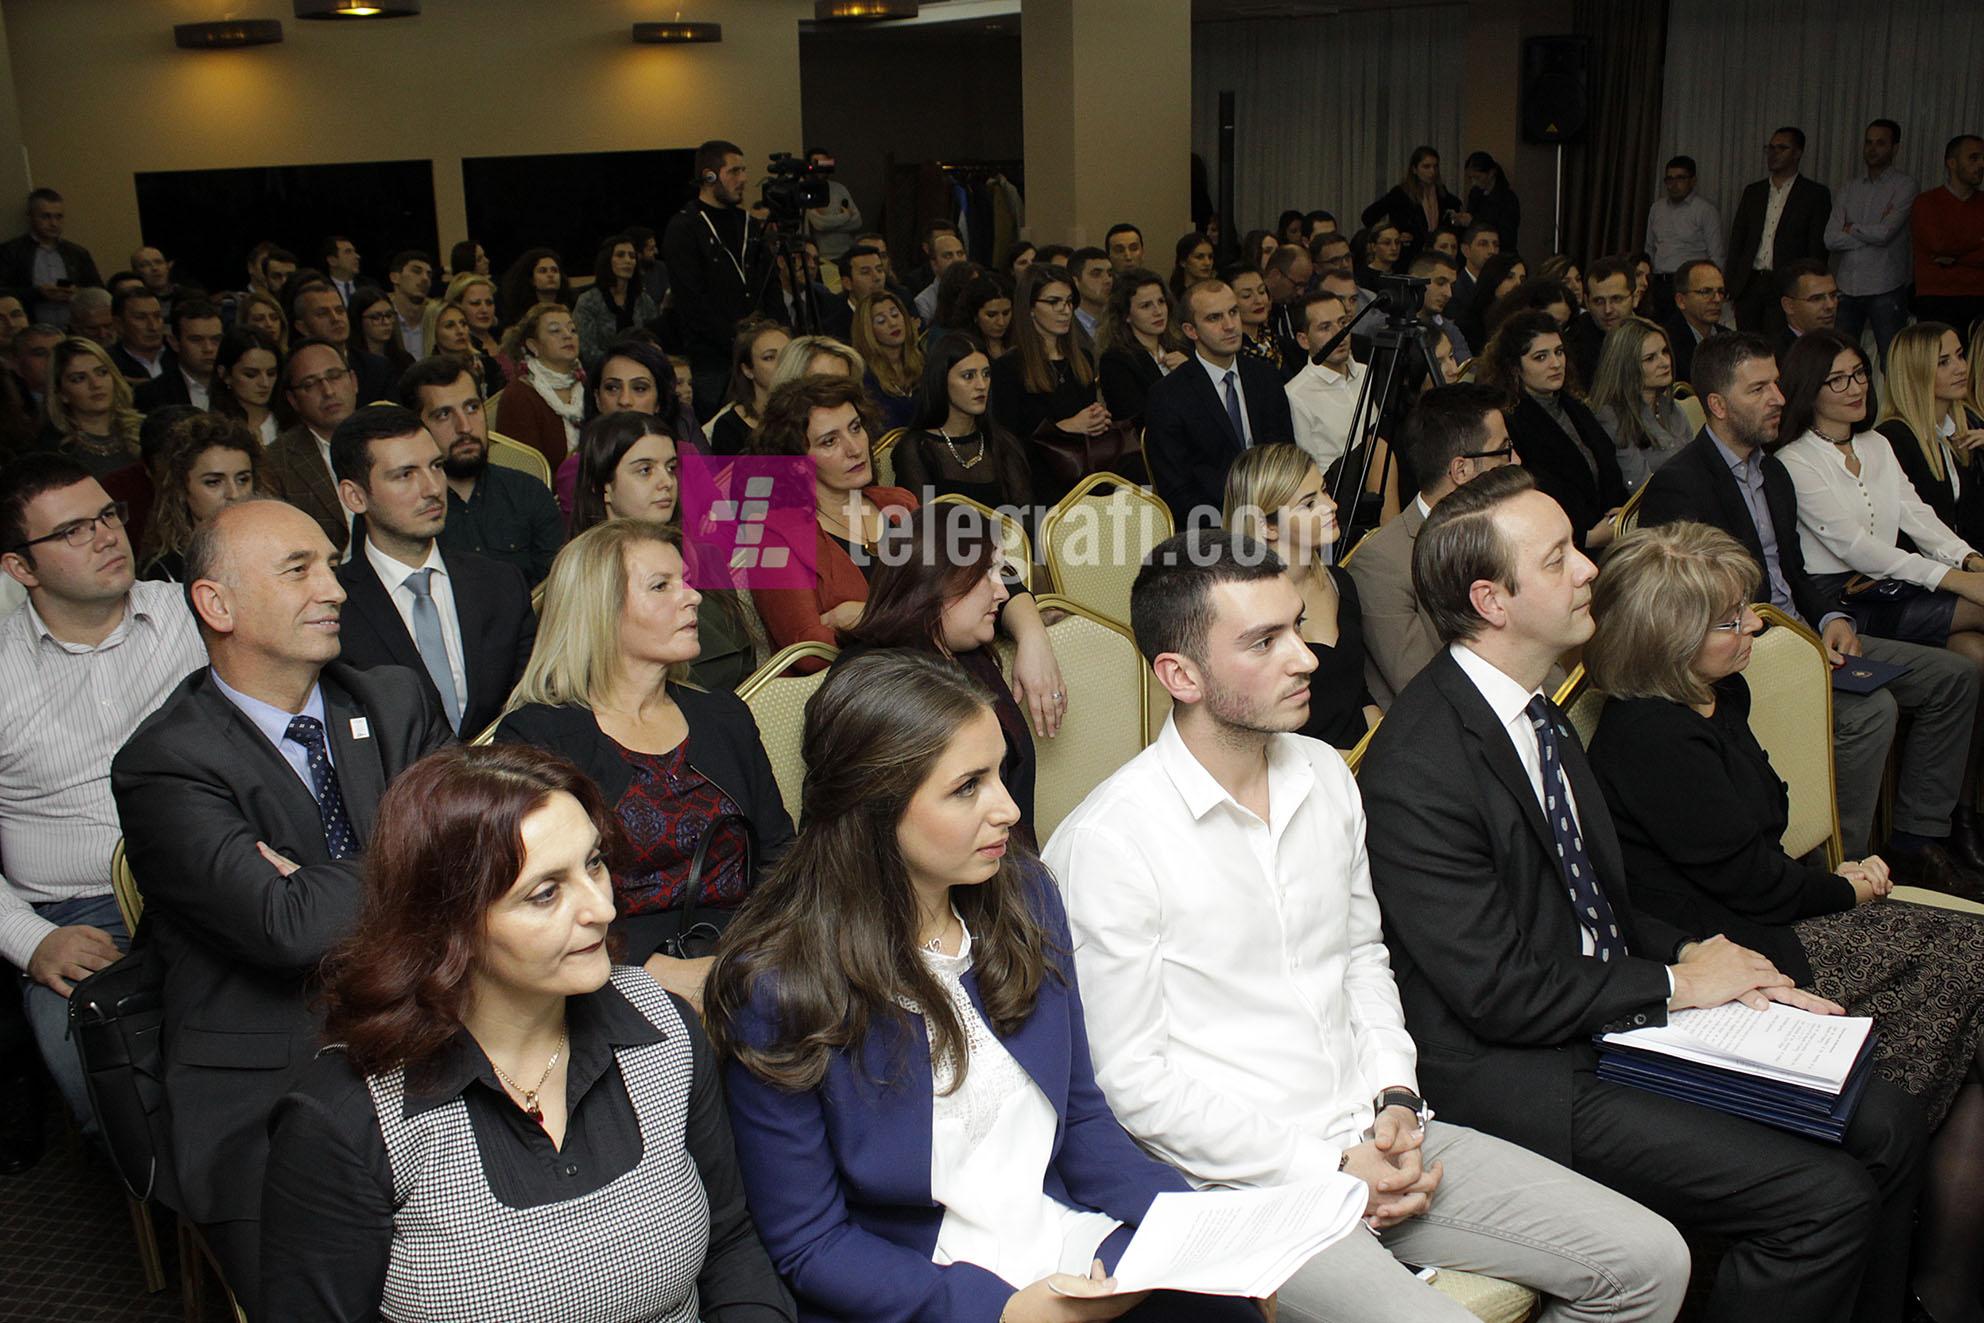 sheffield-university-kosovo-foto-ridvan-slivova-27